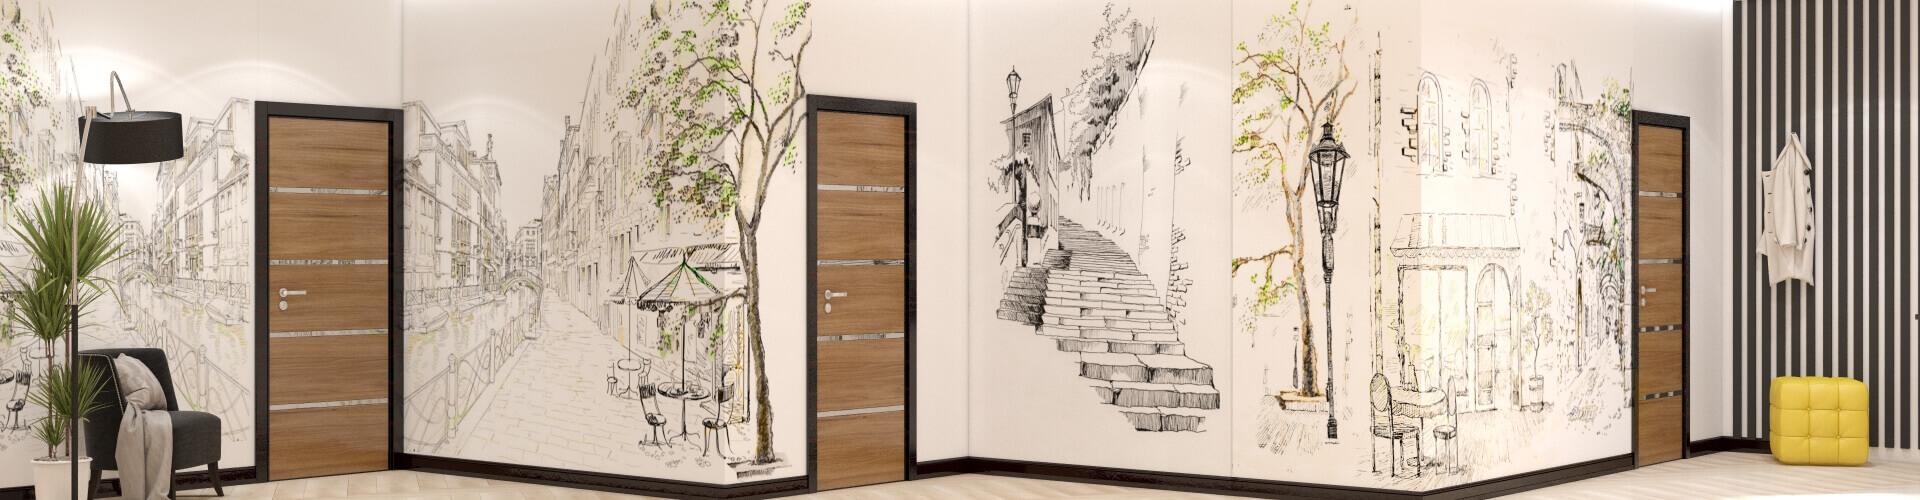 Художественная роспись сделает помещение оригинальнее © AbiStyle Дизайн студия в Киеве